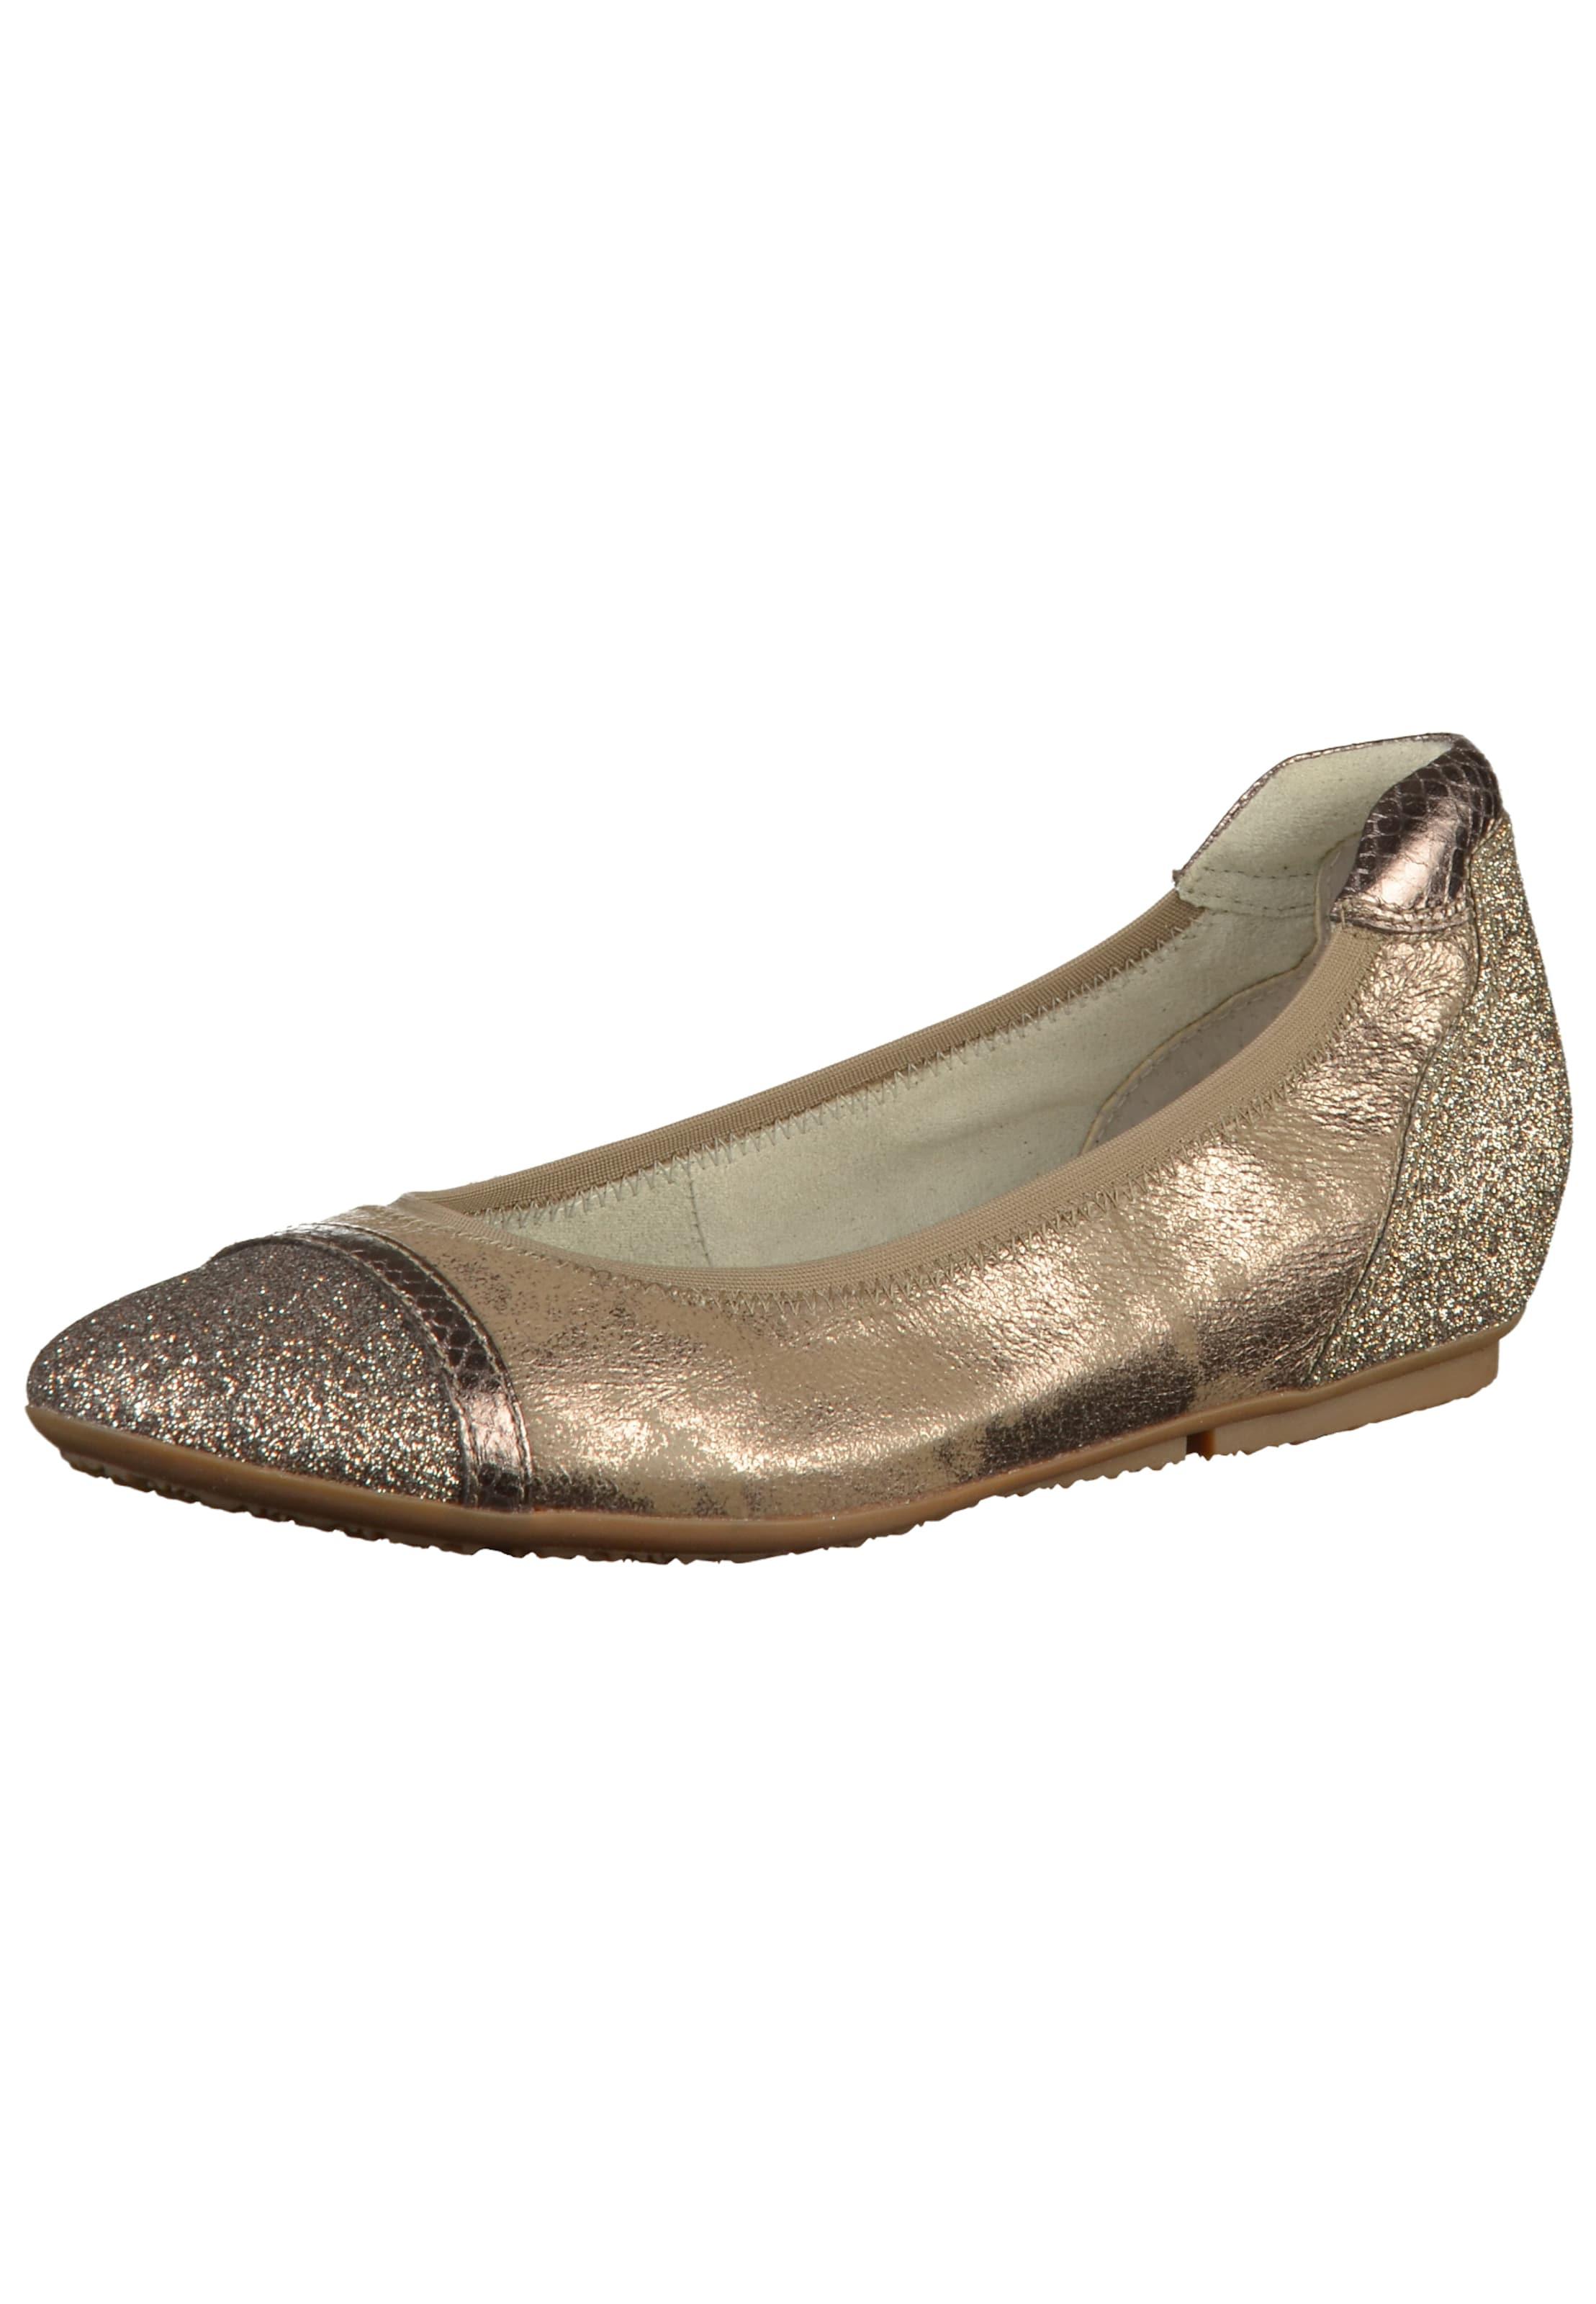 Haltbare Mode billige billige billige Schuhe TAMARIS | Ballerinas Schuhe Gut getragene Schuhe 86ebe9